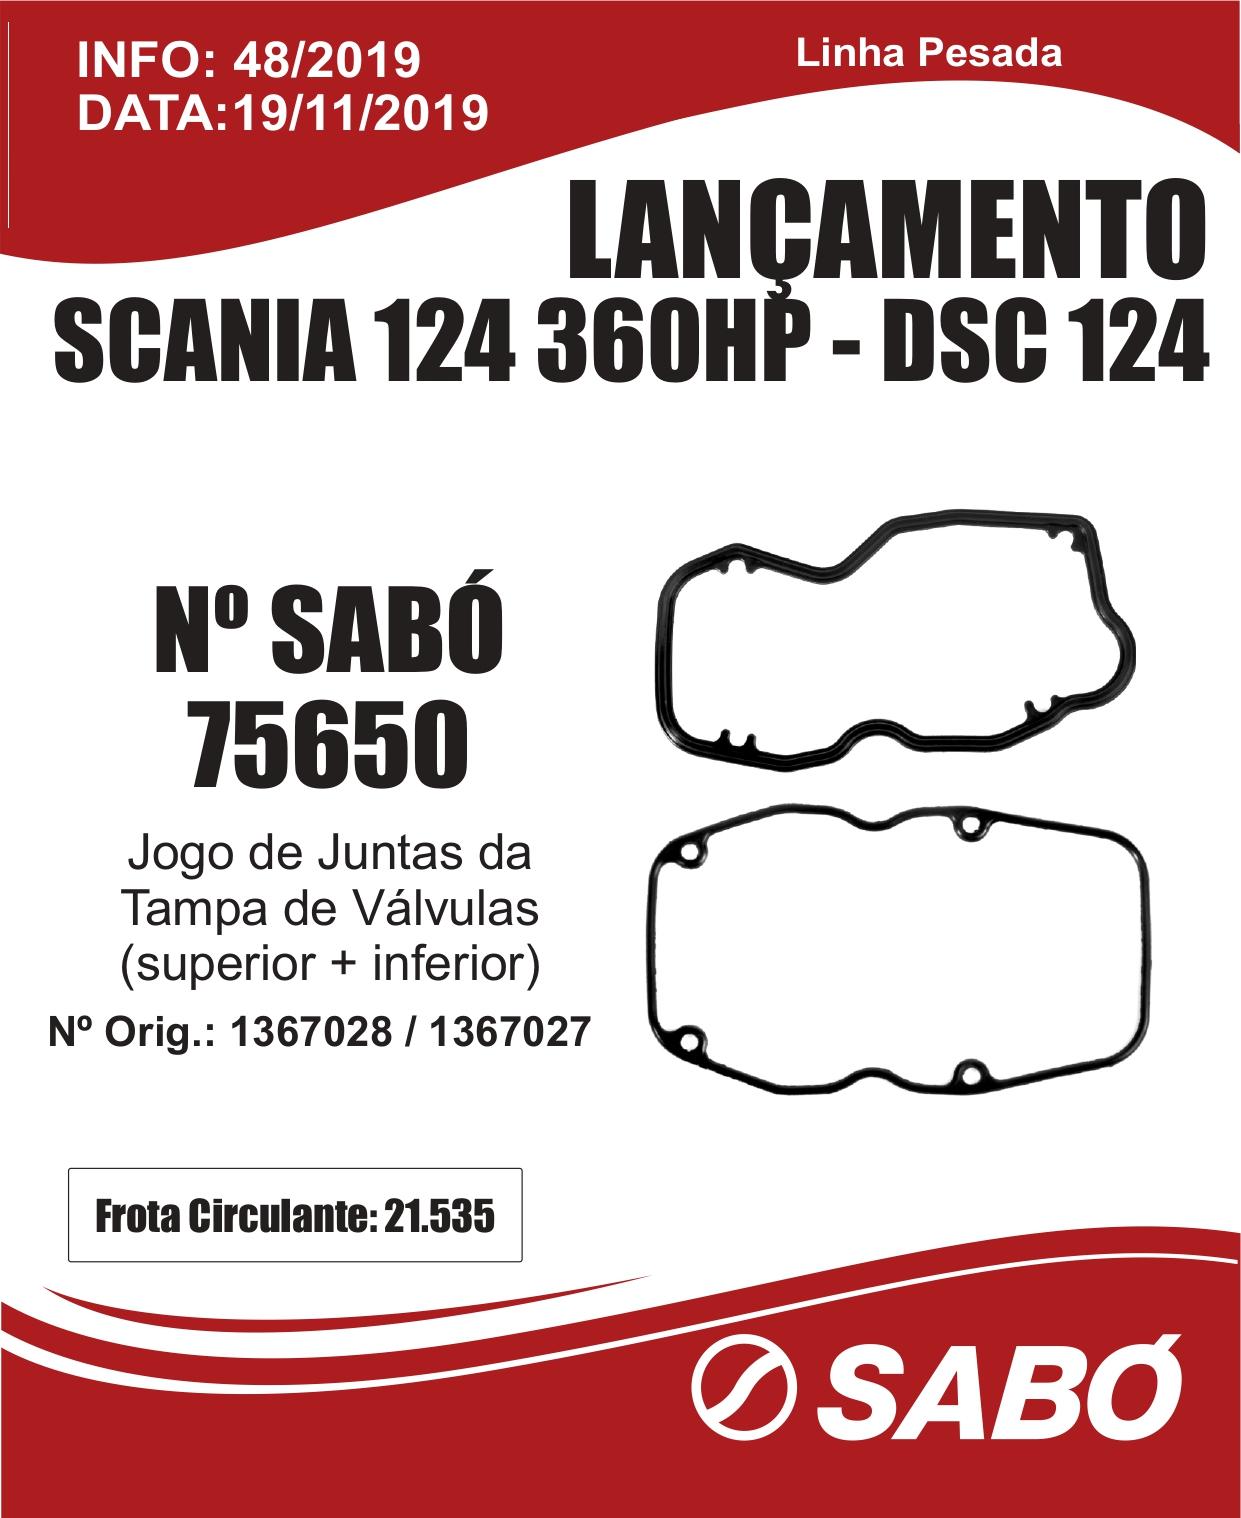 Info_048__Lancamento_Tampa_de_Valvulas_Scania_page-0001